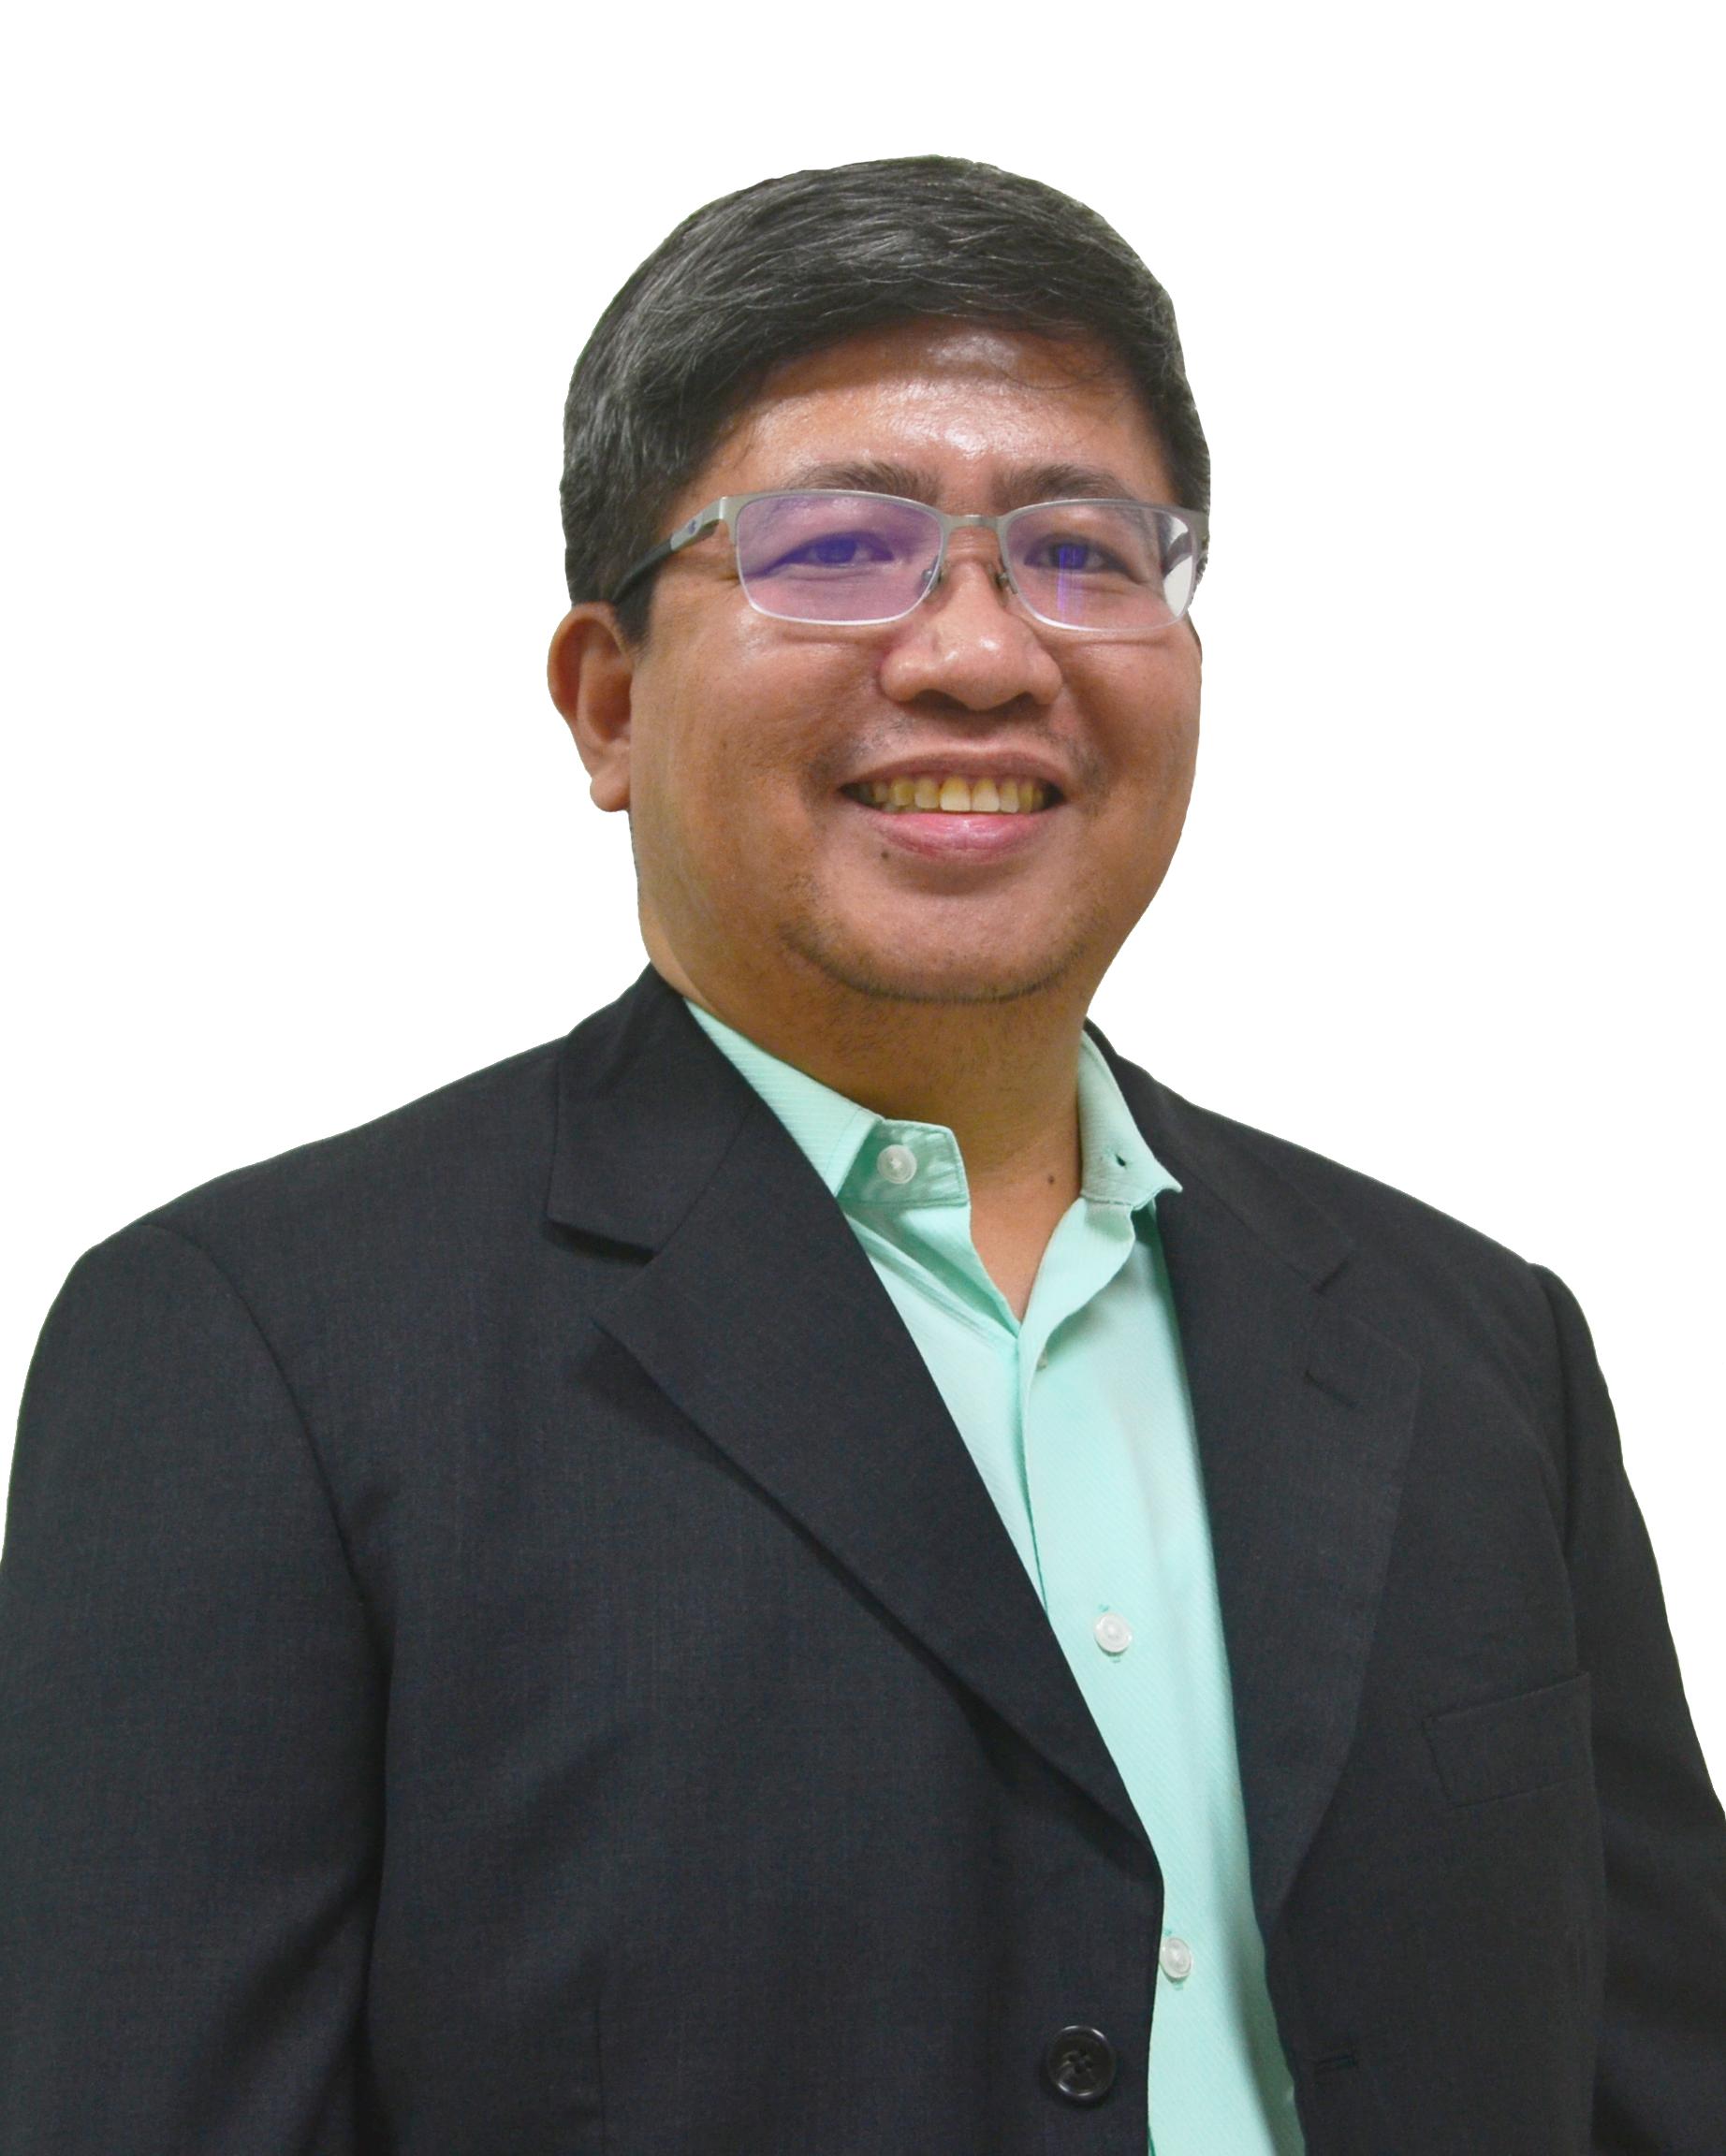 ARTHUR L. FAJARDO, Ph.D.